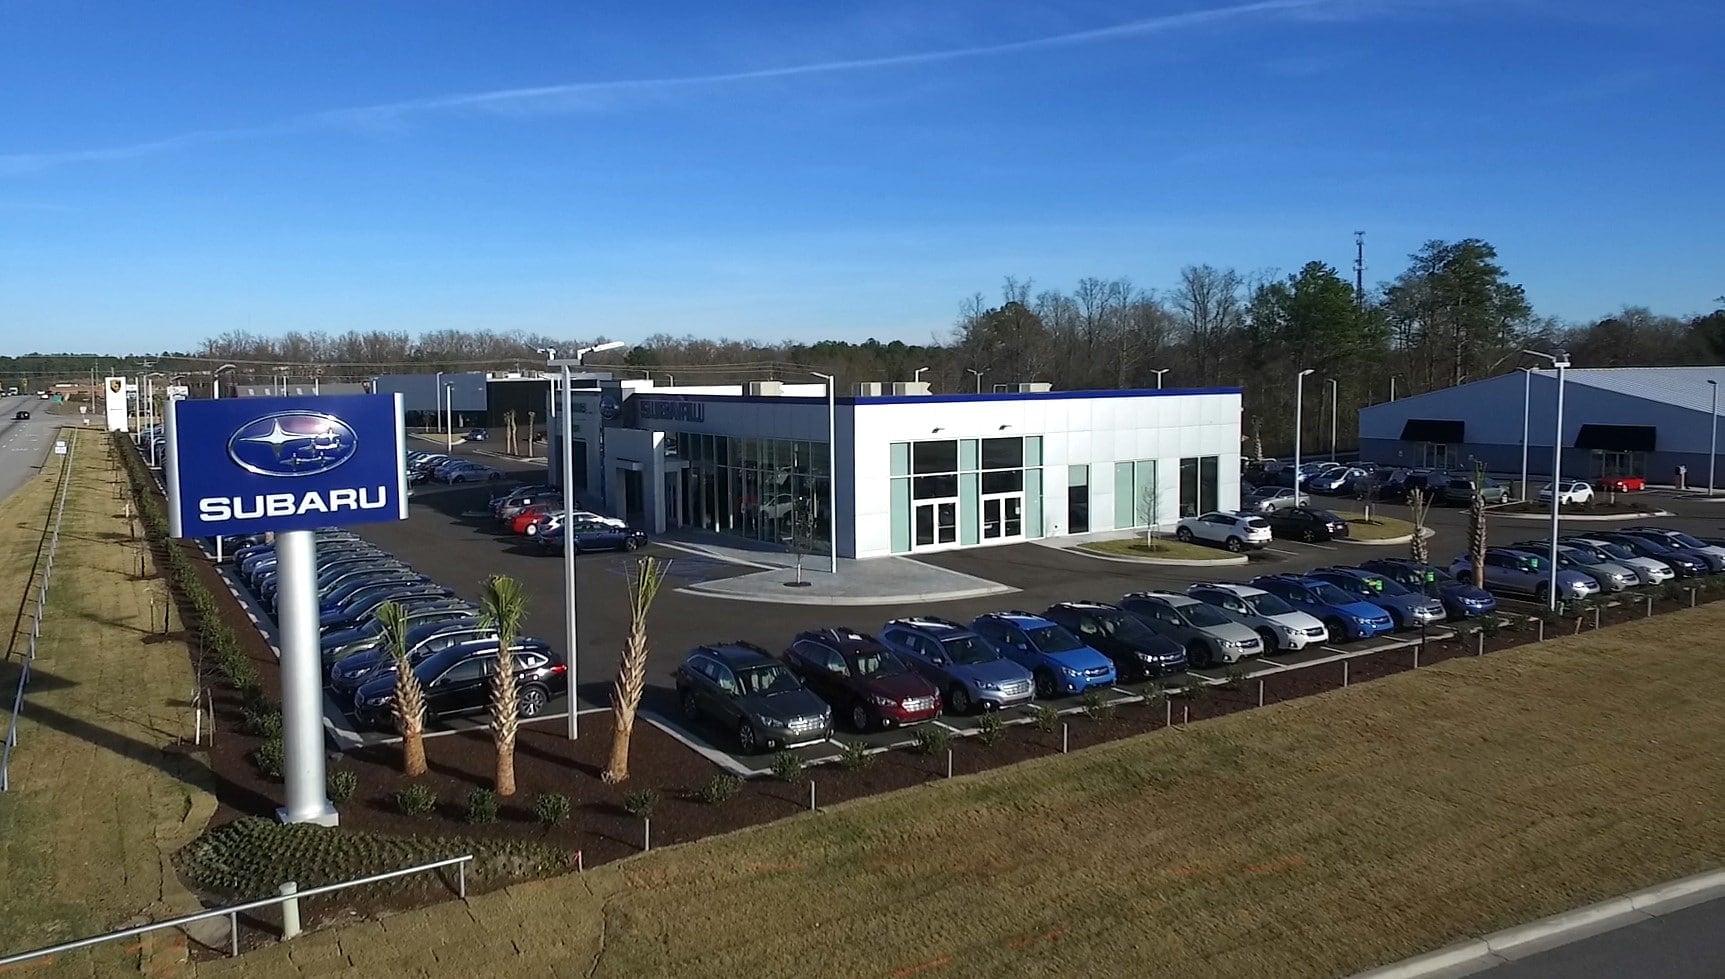 New Subaru Used Car Dealer In Columbia Sc Mcdaniels Subaru